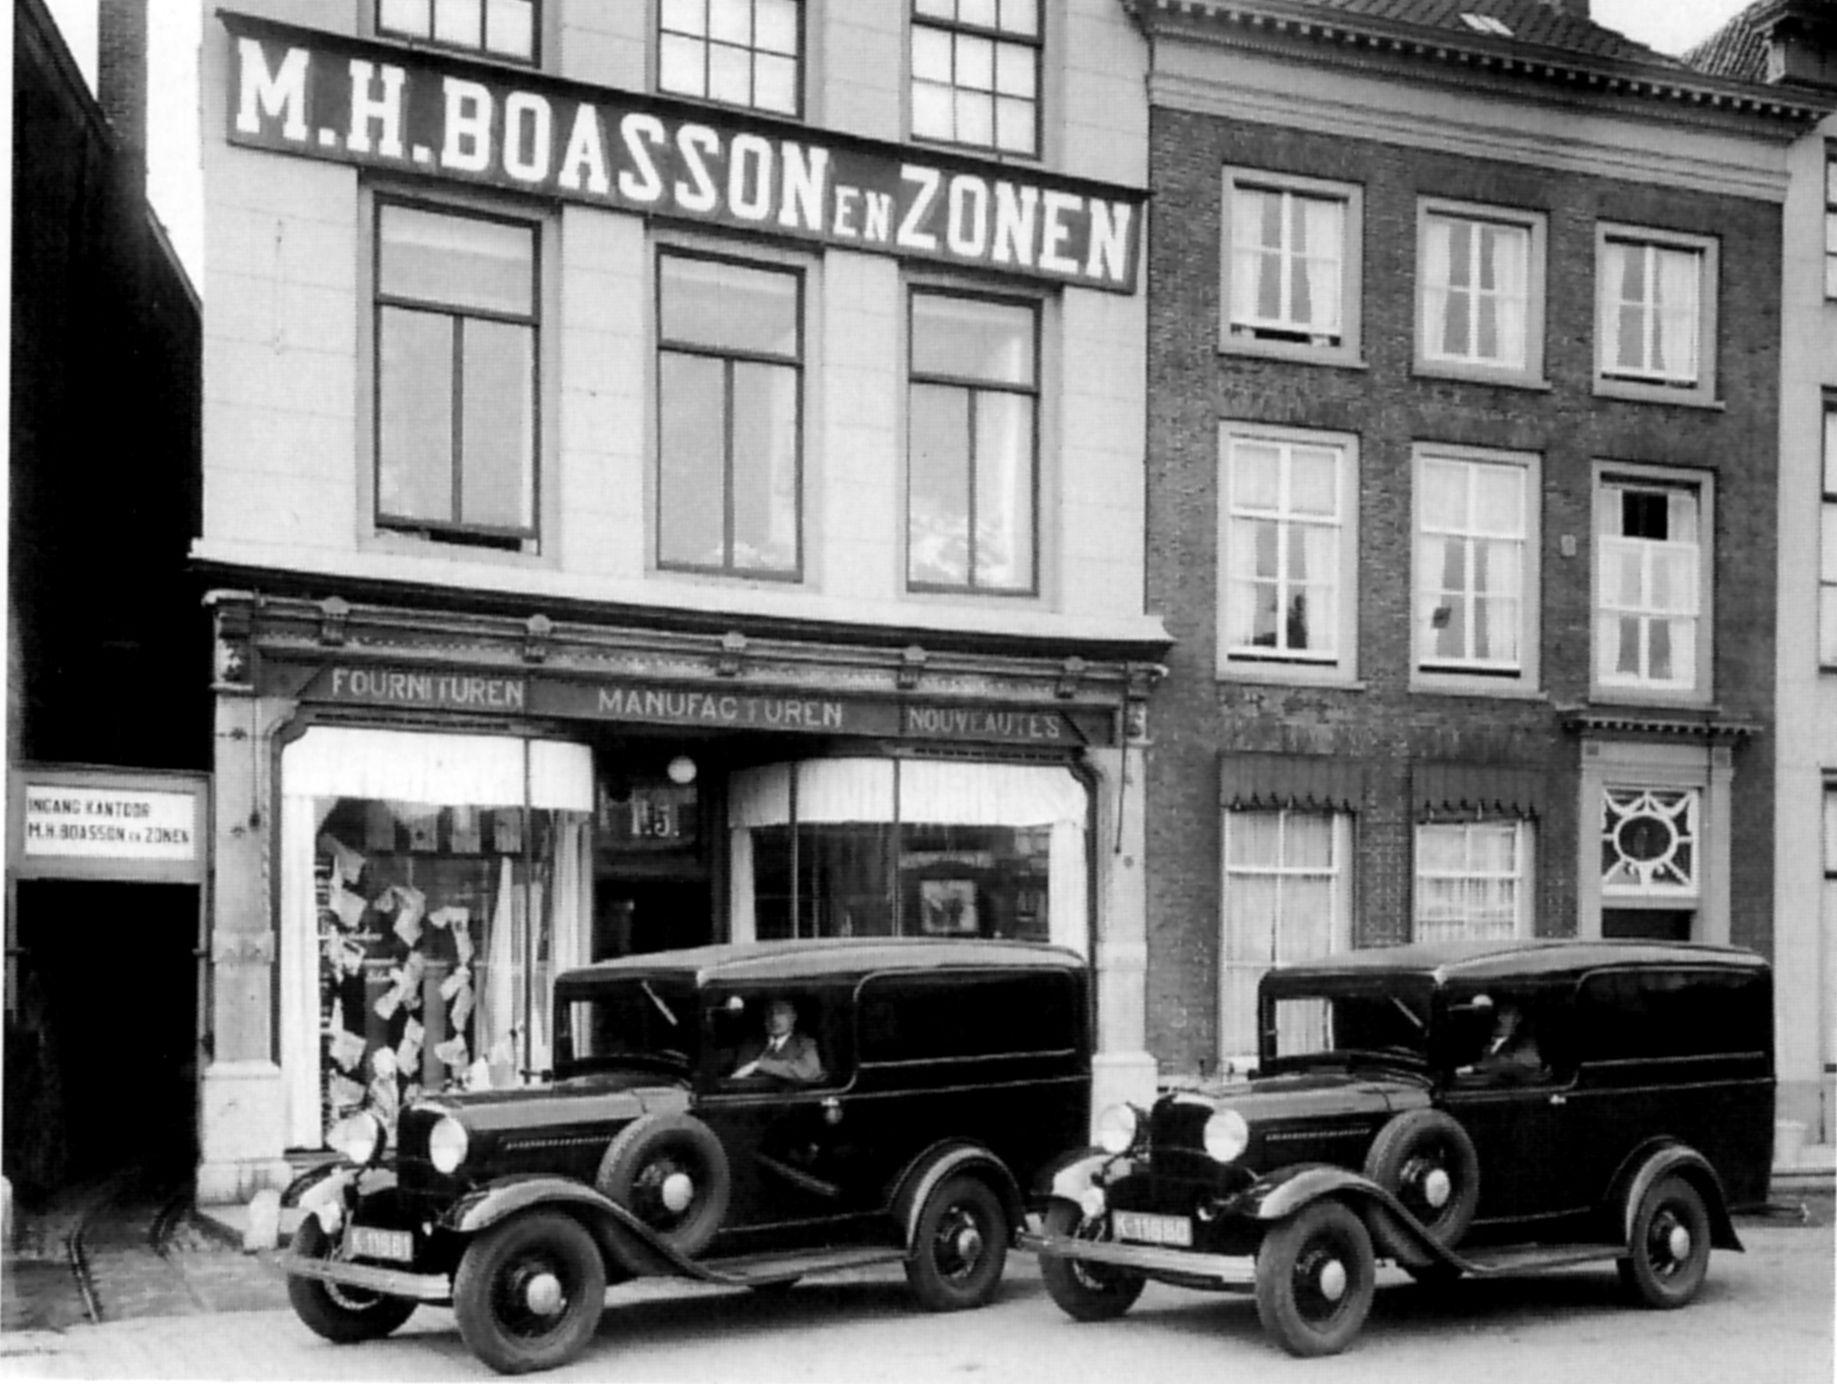 M.H. Boasson en Zonen aan de oostzijde van de Markt in Middelburg. In de voorste bestelauto zit Marc Herman Boasson.